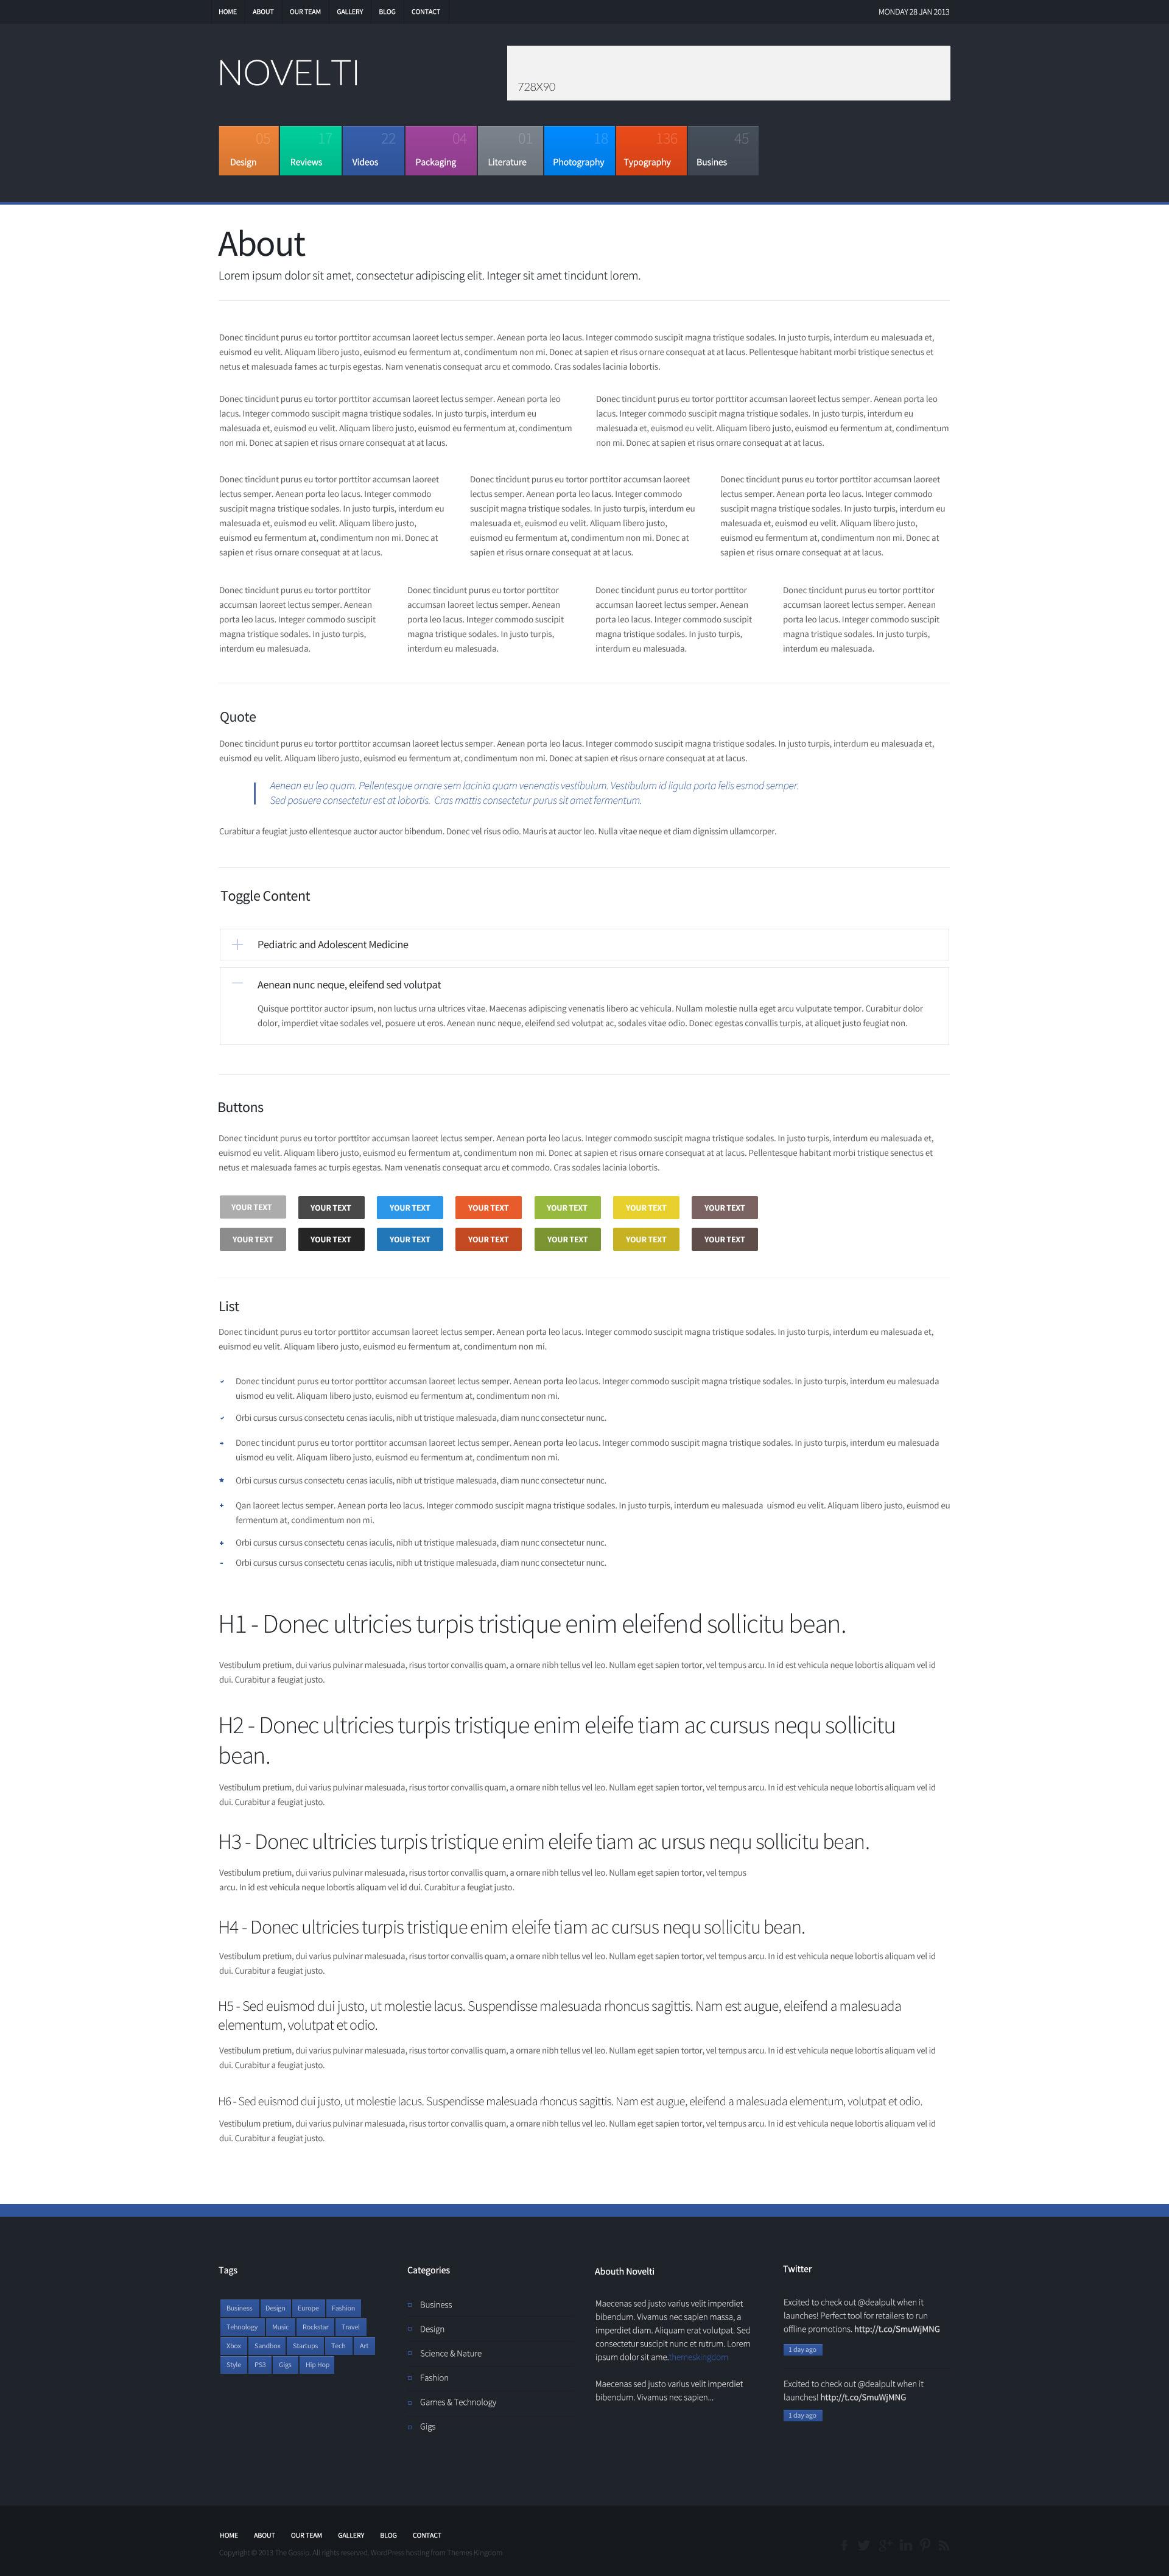 Novelti - Responsive Magazine WordPress Theme